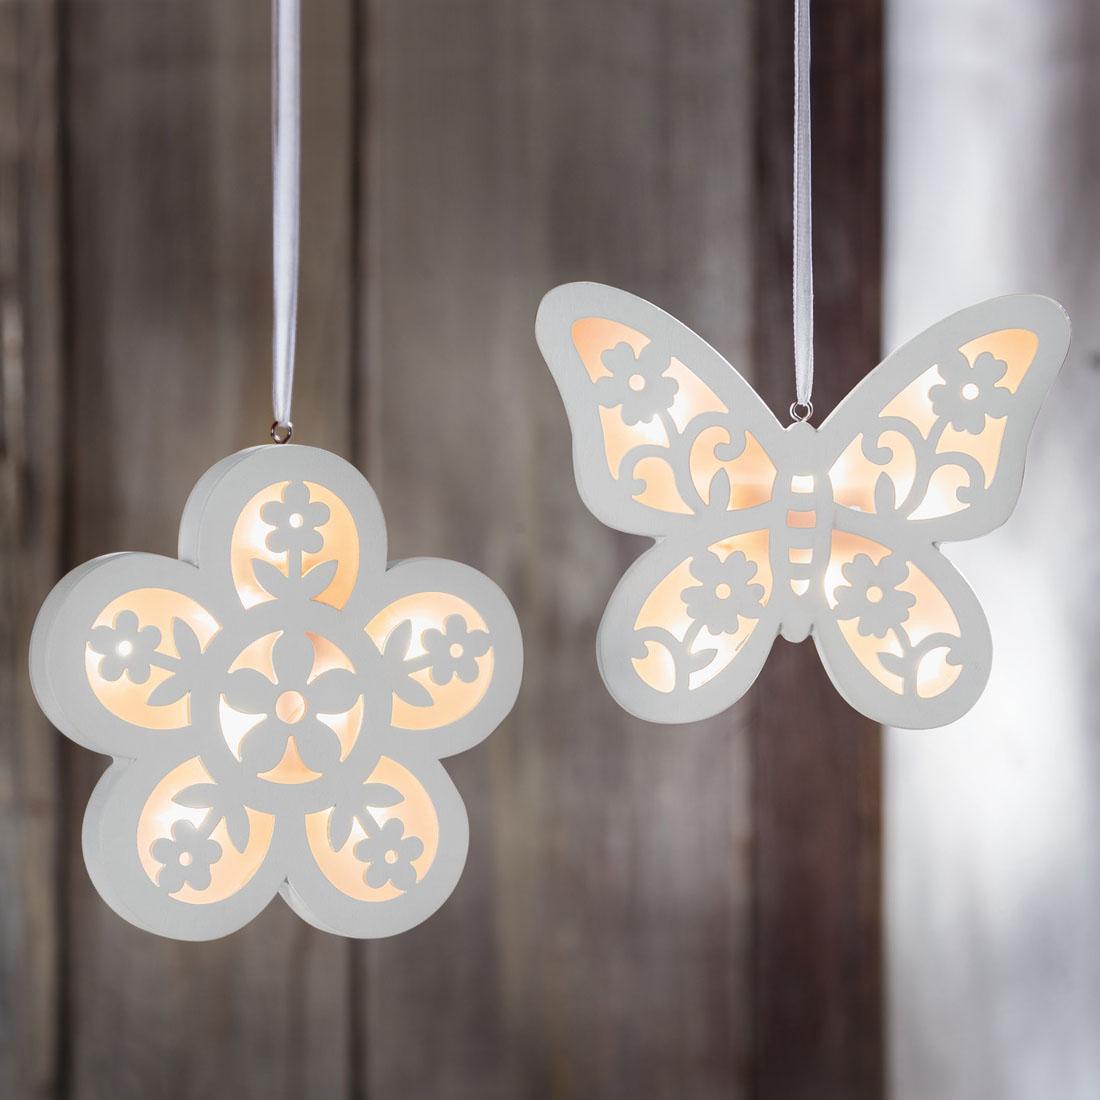 """Подвесные украшения """"Цветок и бабочка"""", 2 штуки [06604],"""